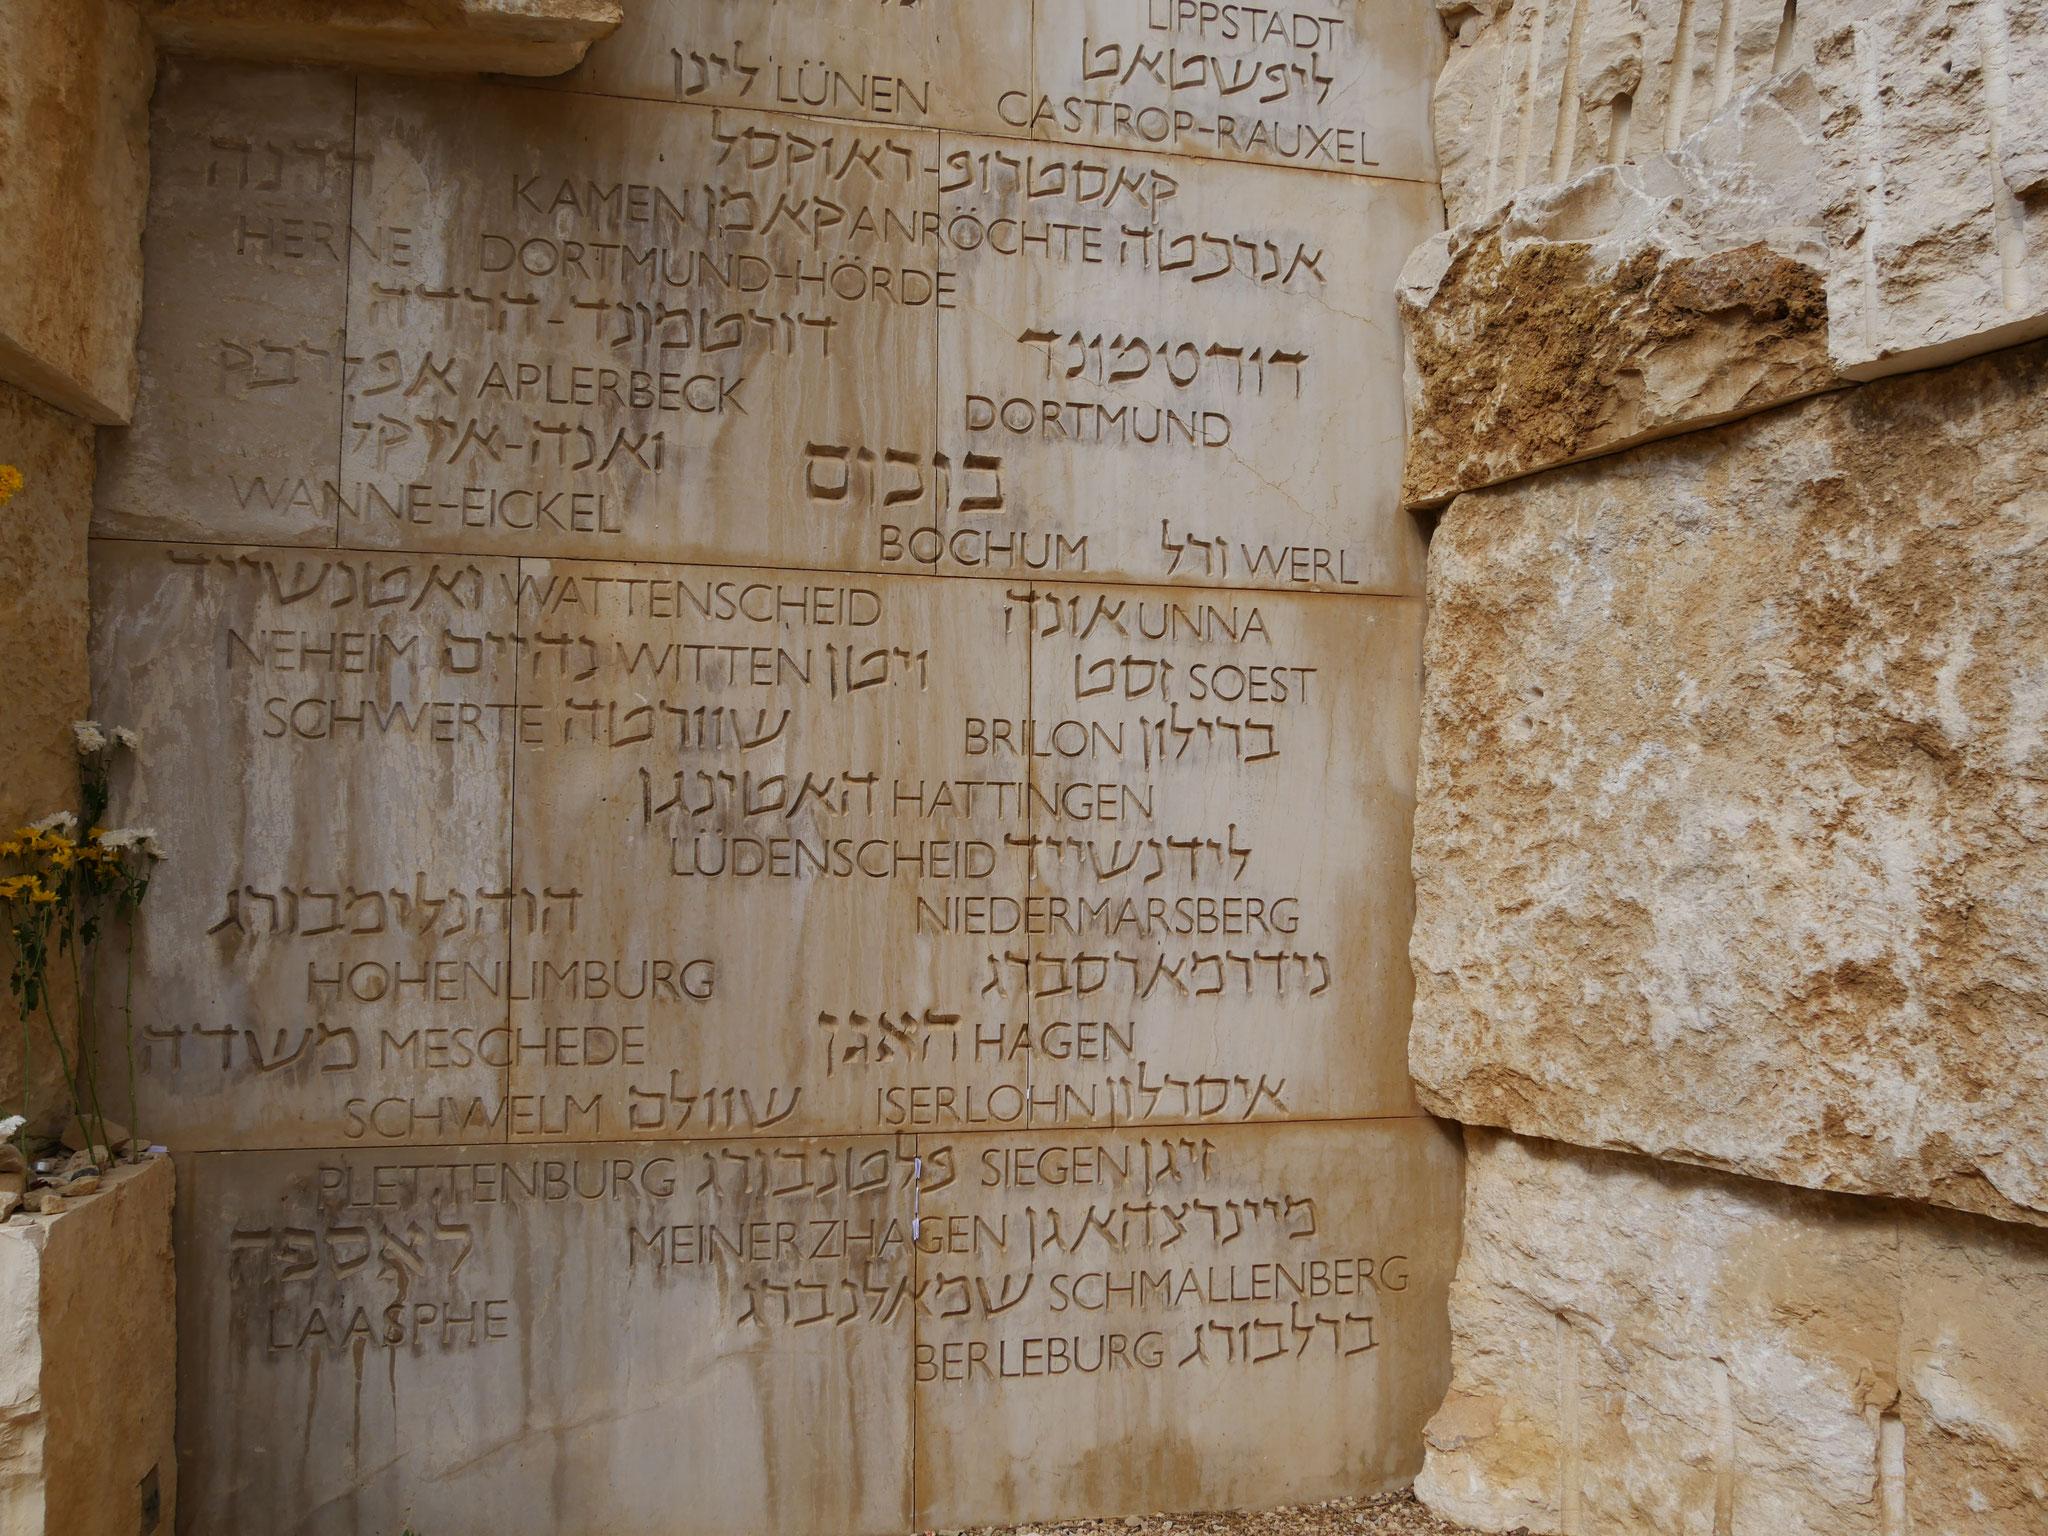 Im Tal der Gemeinden sind jüdische Gemeinden aus aller Welt eingemeisselt - auch Soest, Lippstadt, Beckum